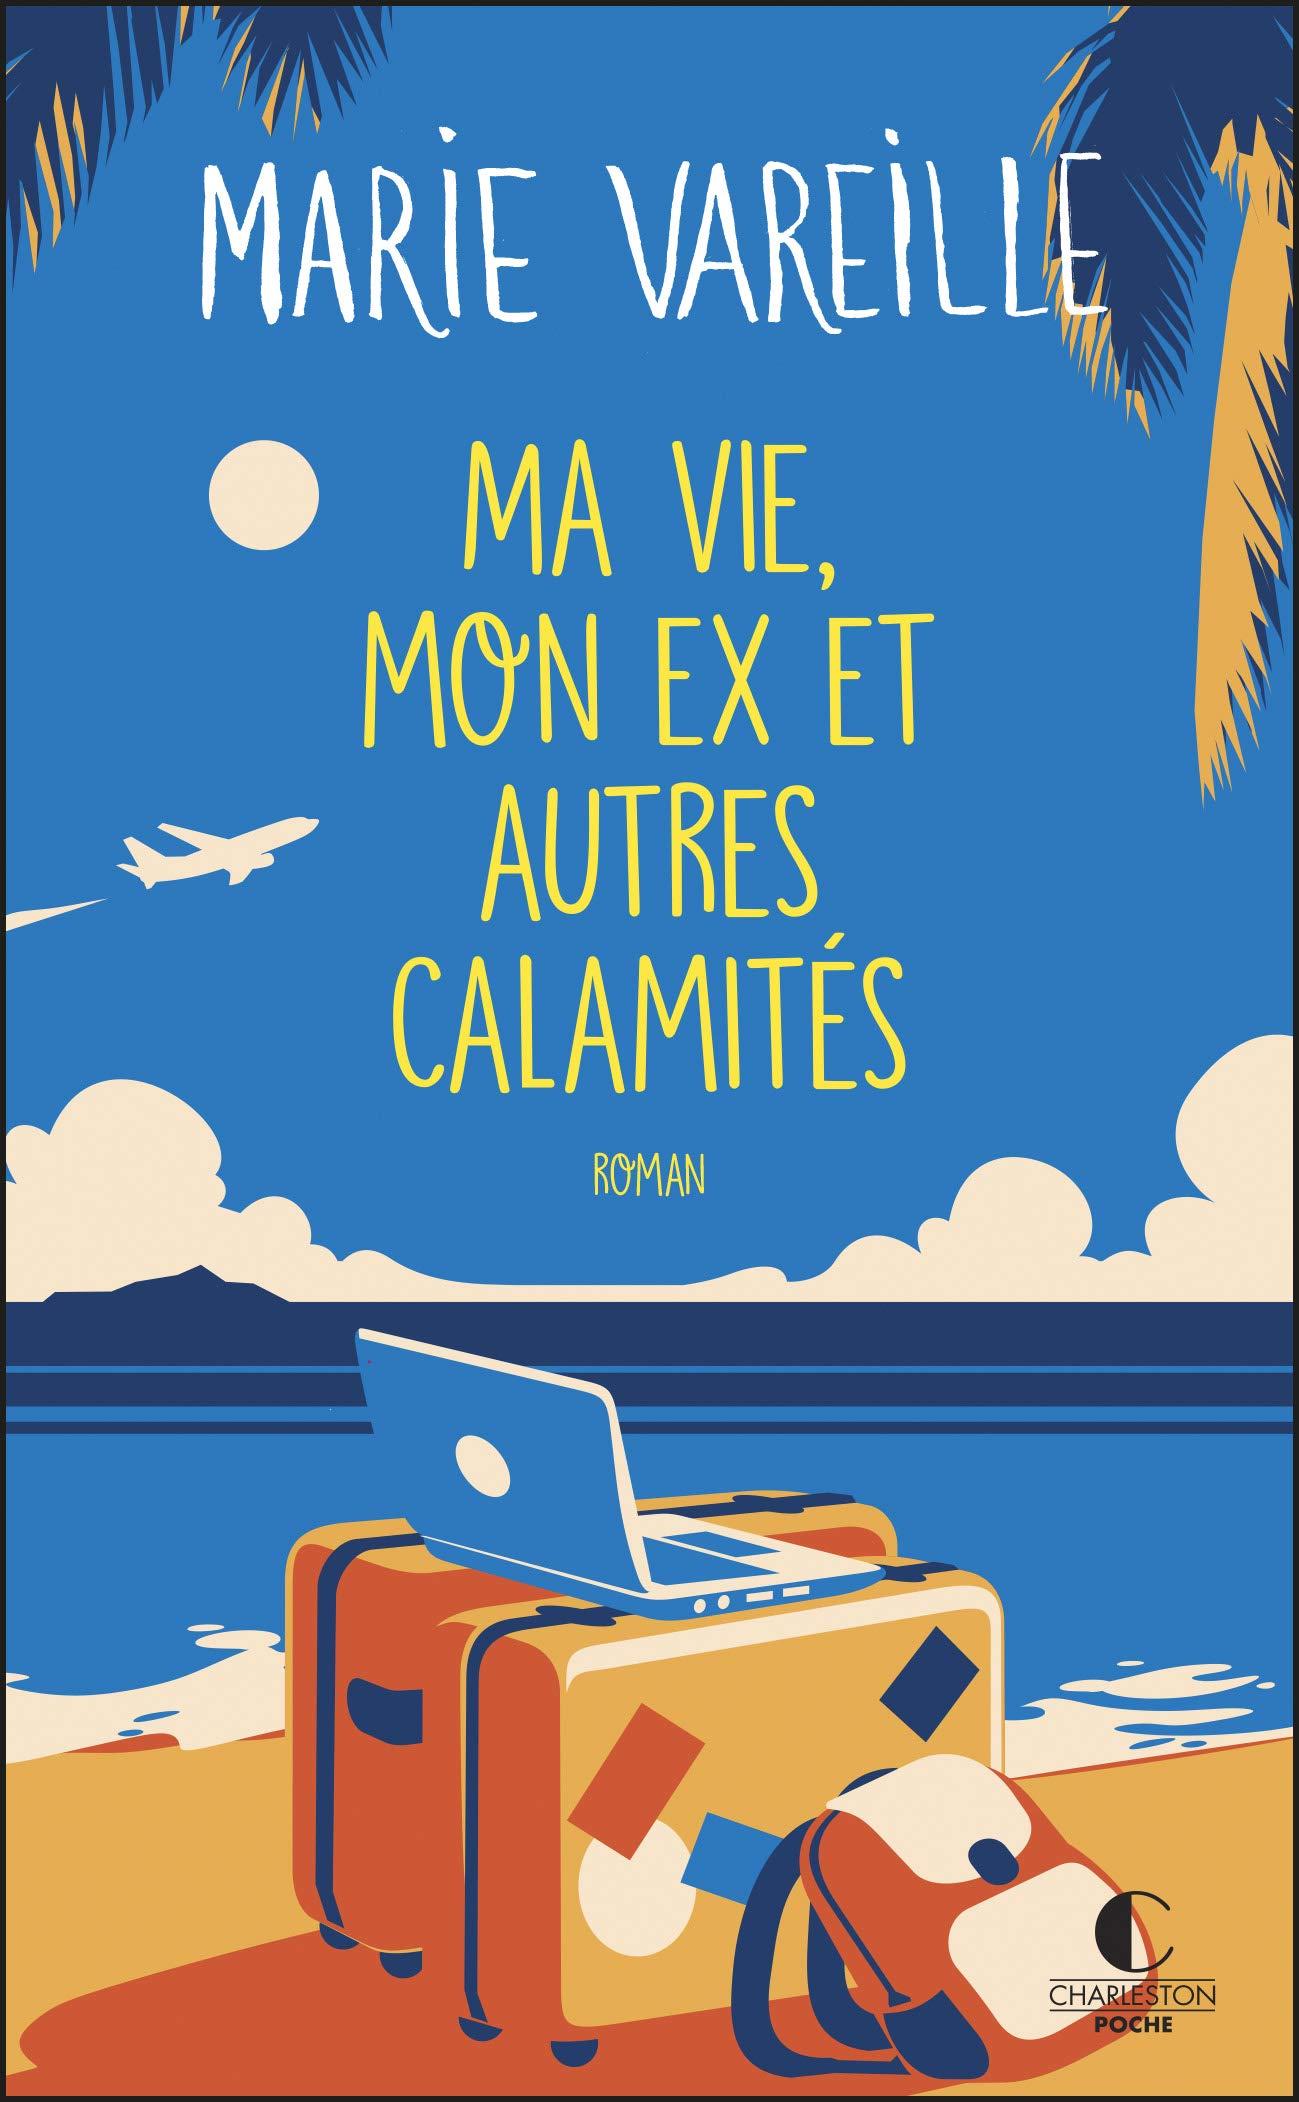 Ma vie, mon ex et autres calamités (Poche) (French Edition): VAREILLE, MARIE:  9782368124680: Amazon.com: Books